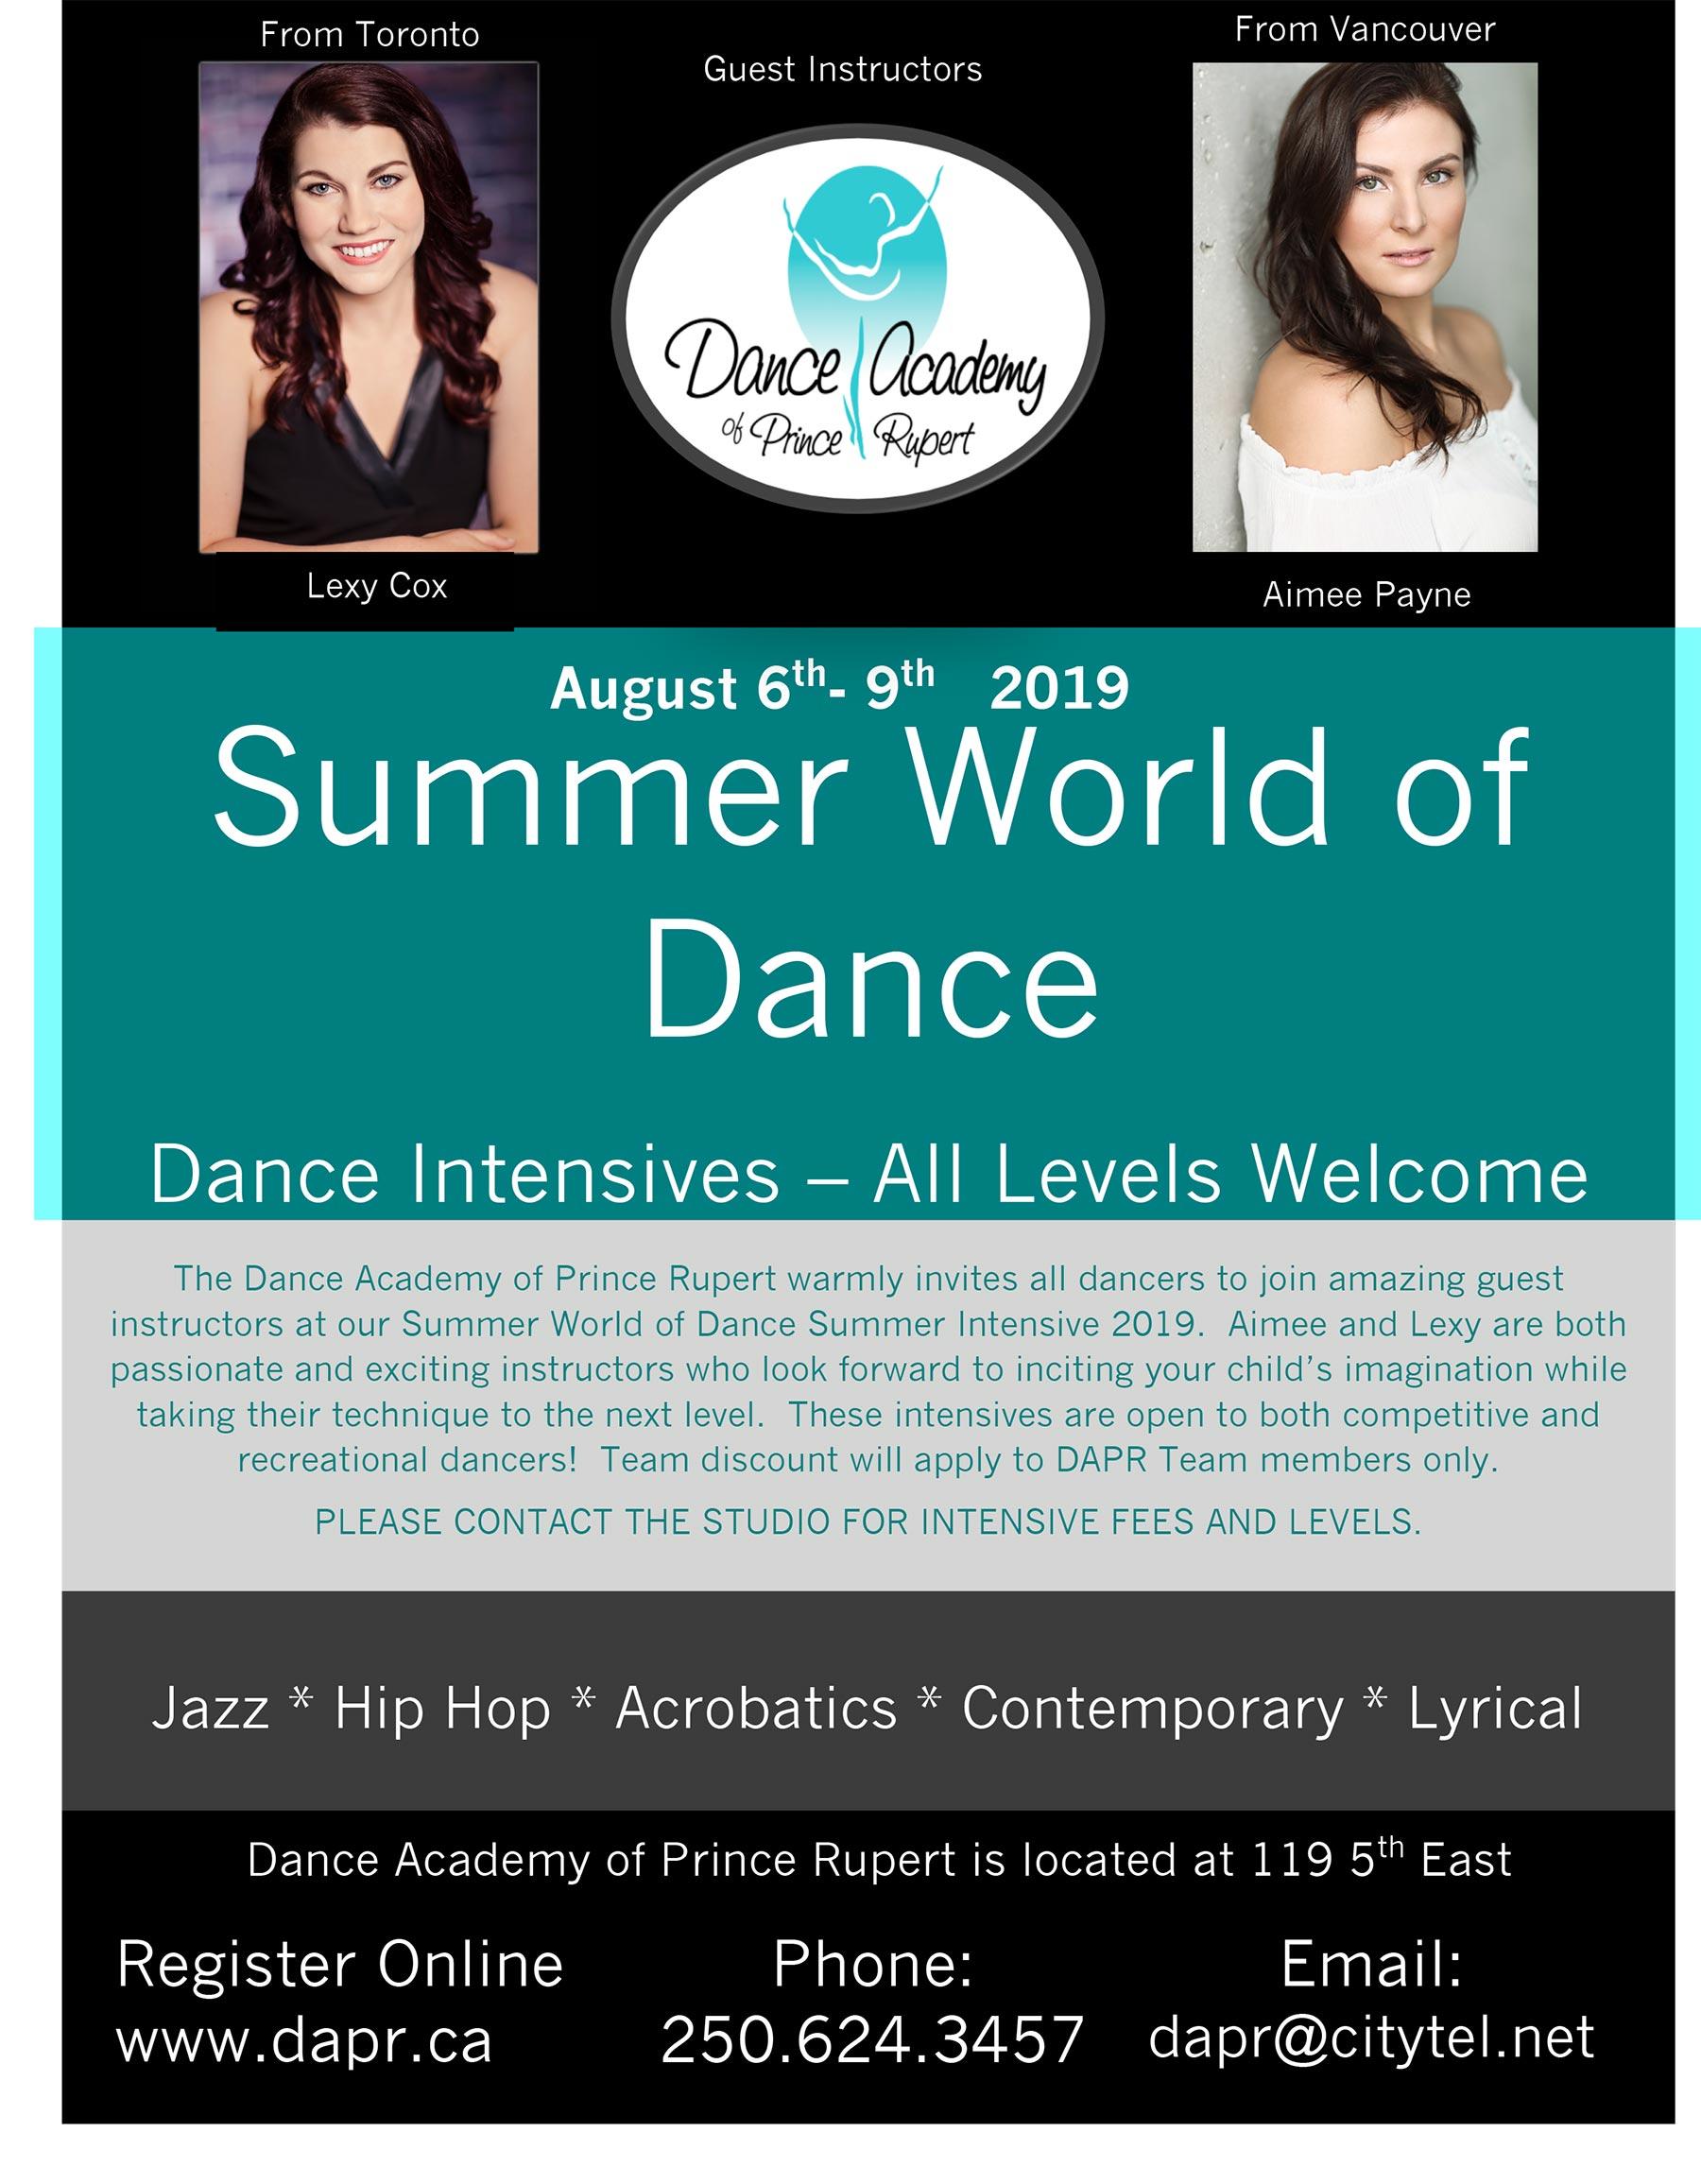 Dance Academy of Prince Rupert Summer Intensive